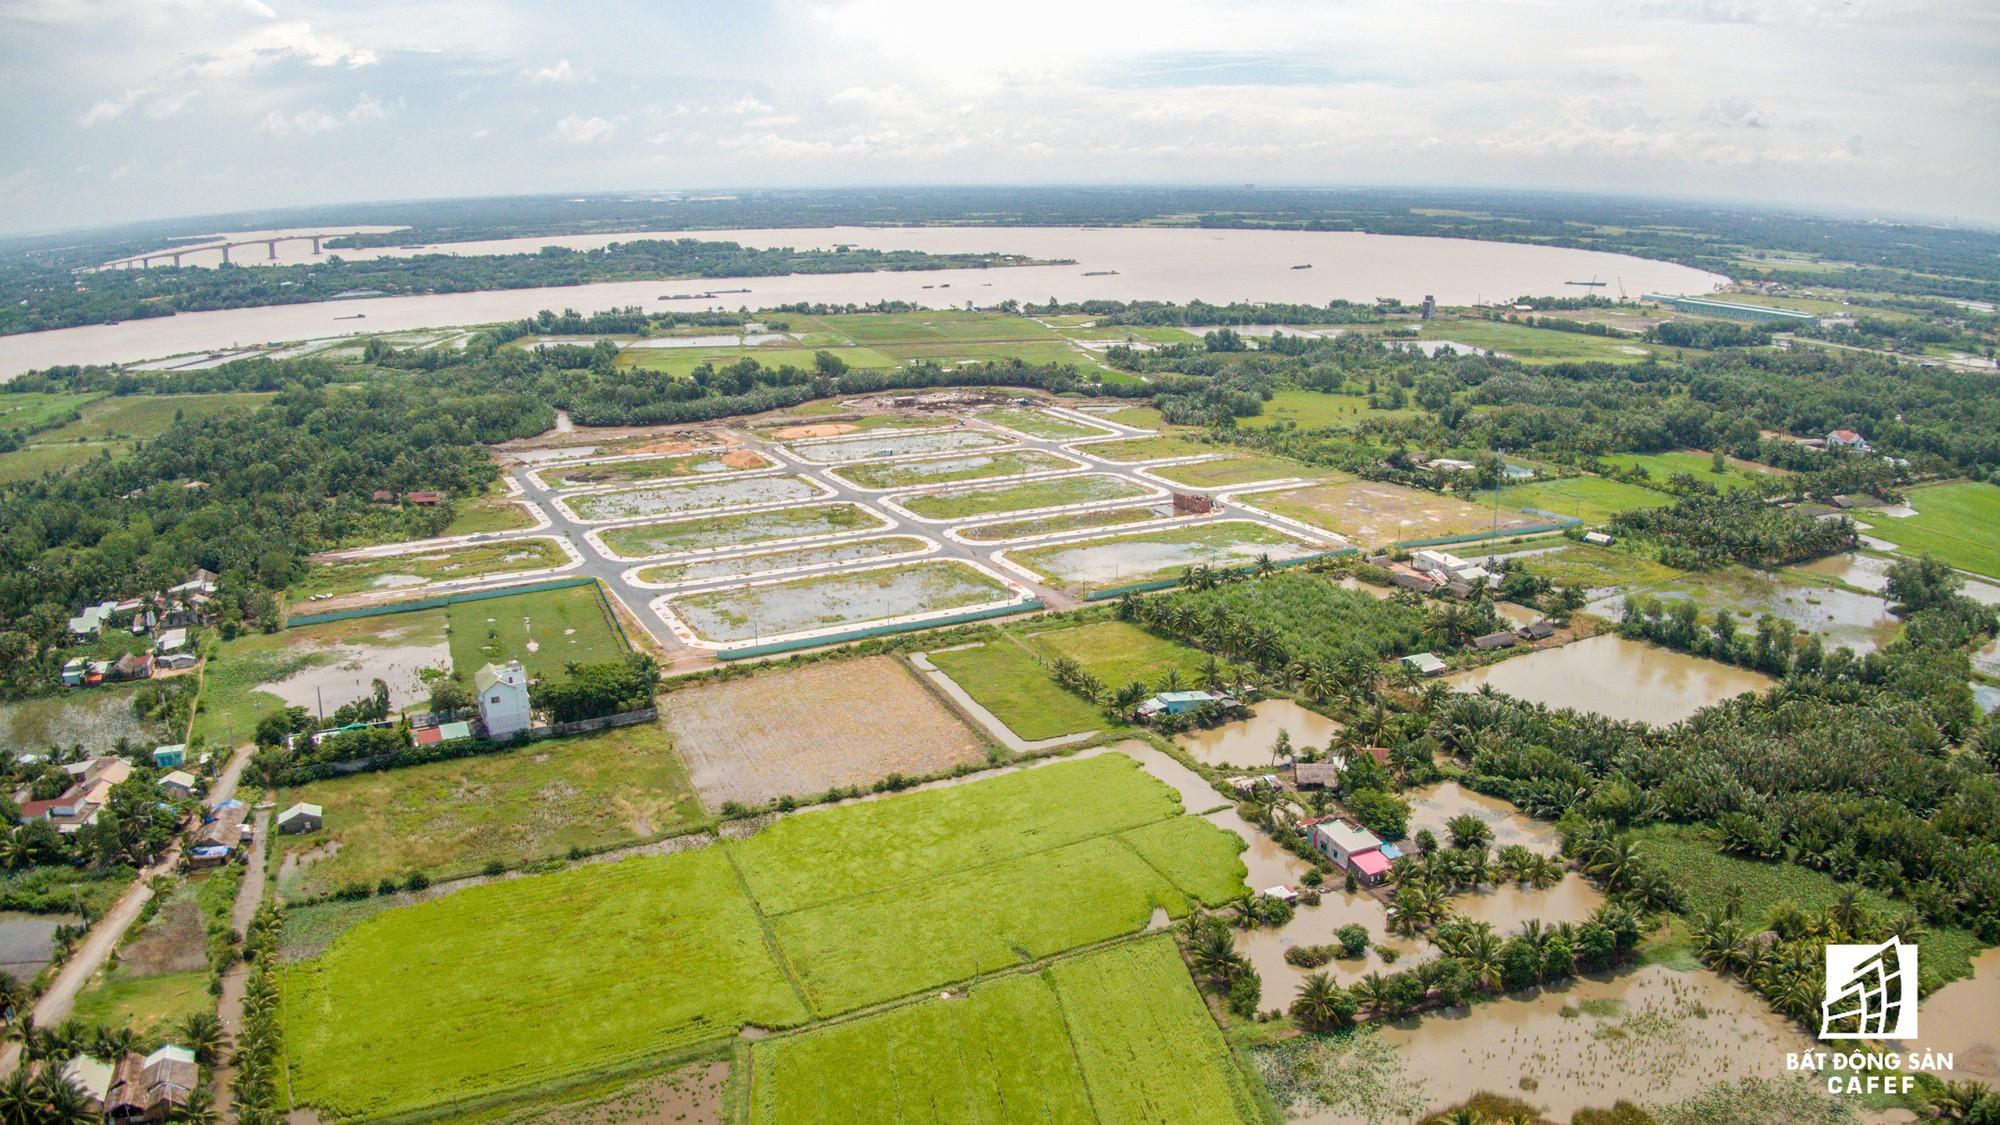 Đồng Nai chốt phương án xây cầu Cát Lái nối Nhơn Trạch và TP.HCM, bức tranh thị trường bất động sản thay đổi chóng mặt - Ảnh 20.